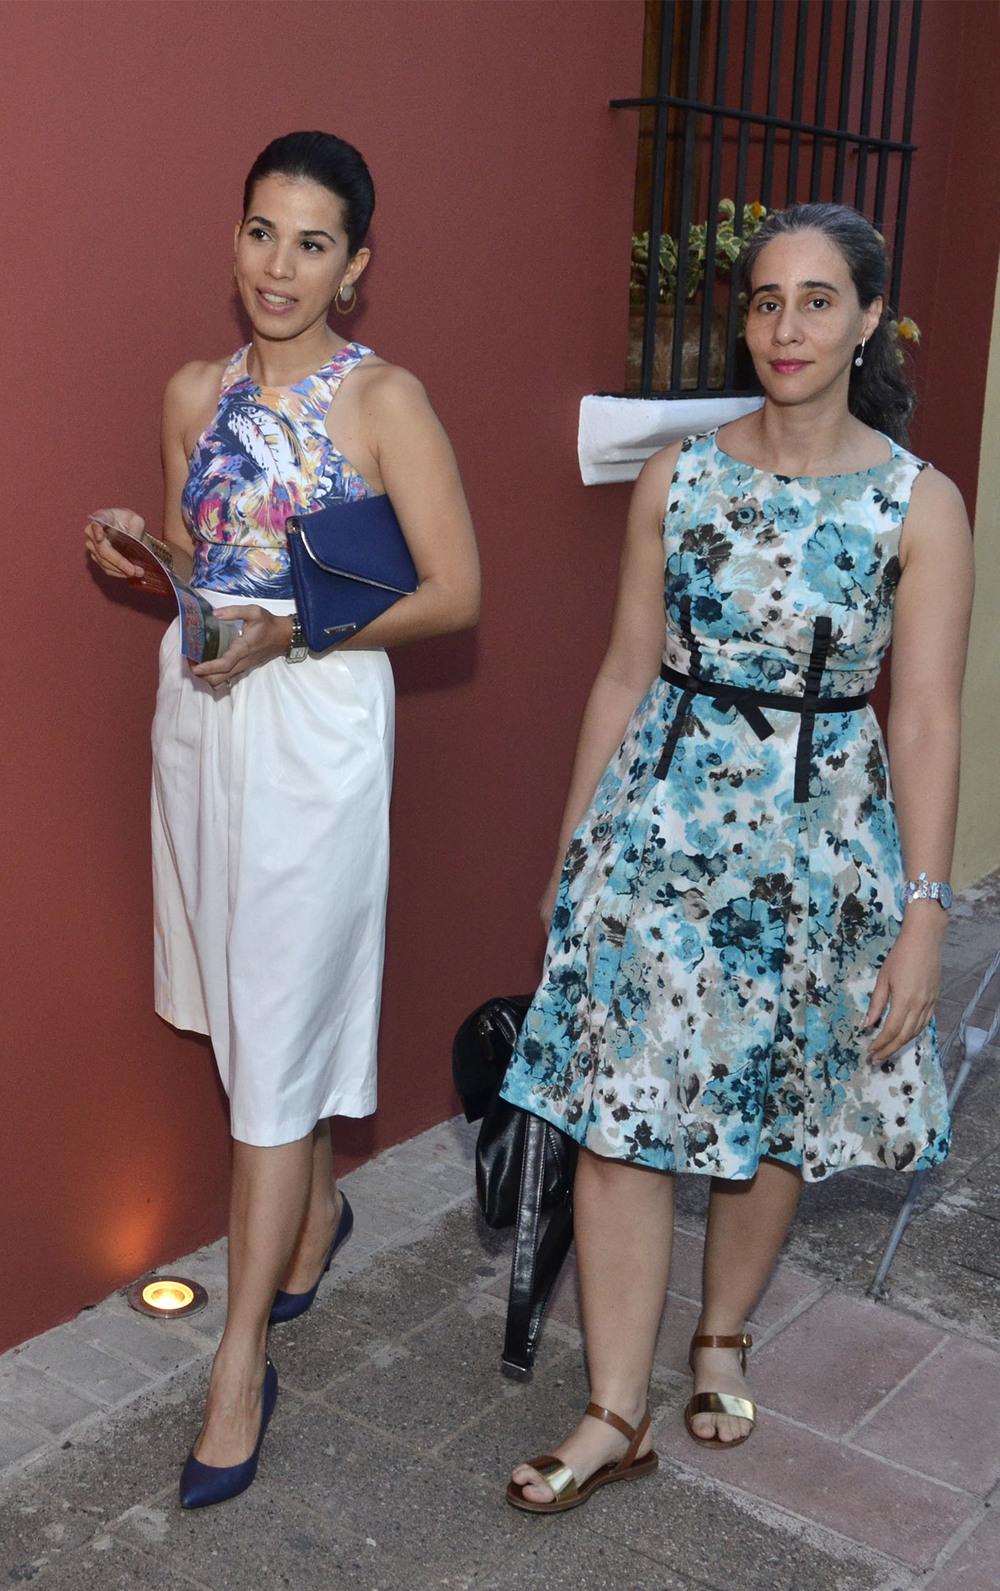 Foto 10  Elia Martínez y Samanta Sánchez realizando su entrada a la actividad.jpg